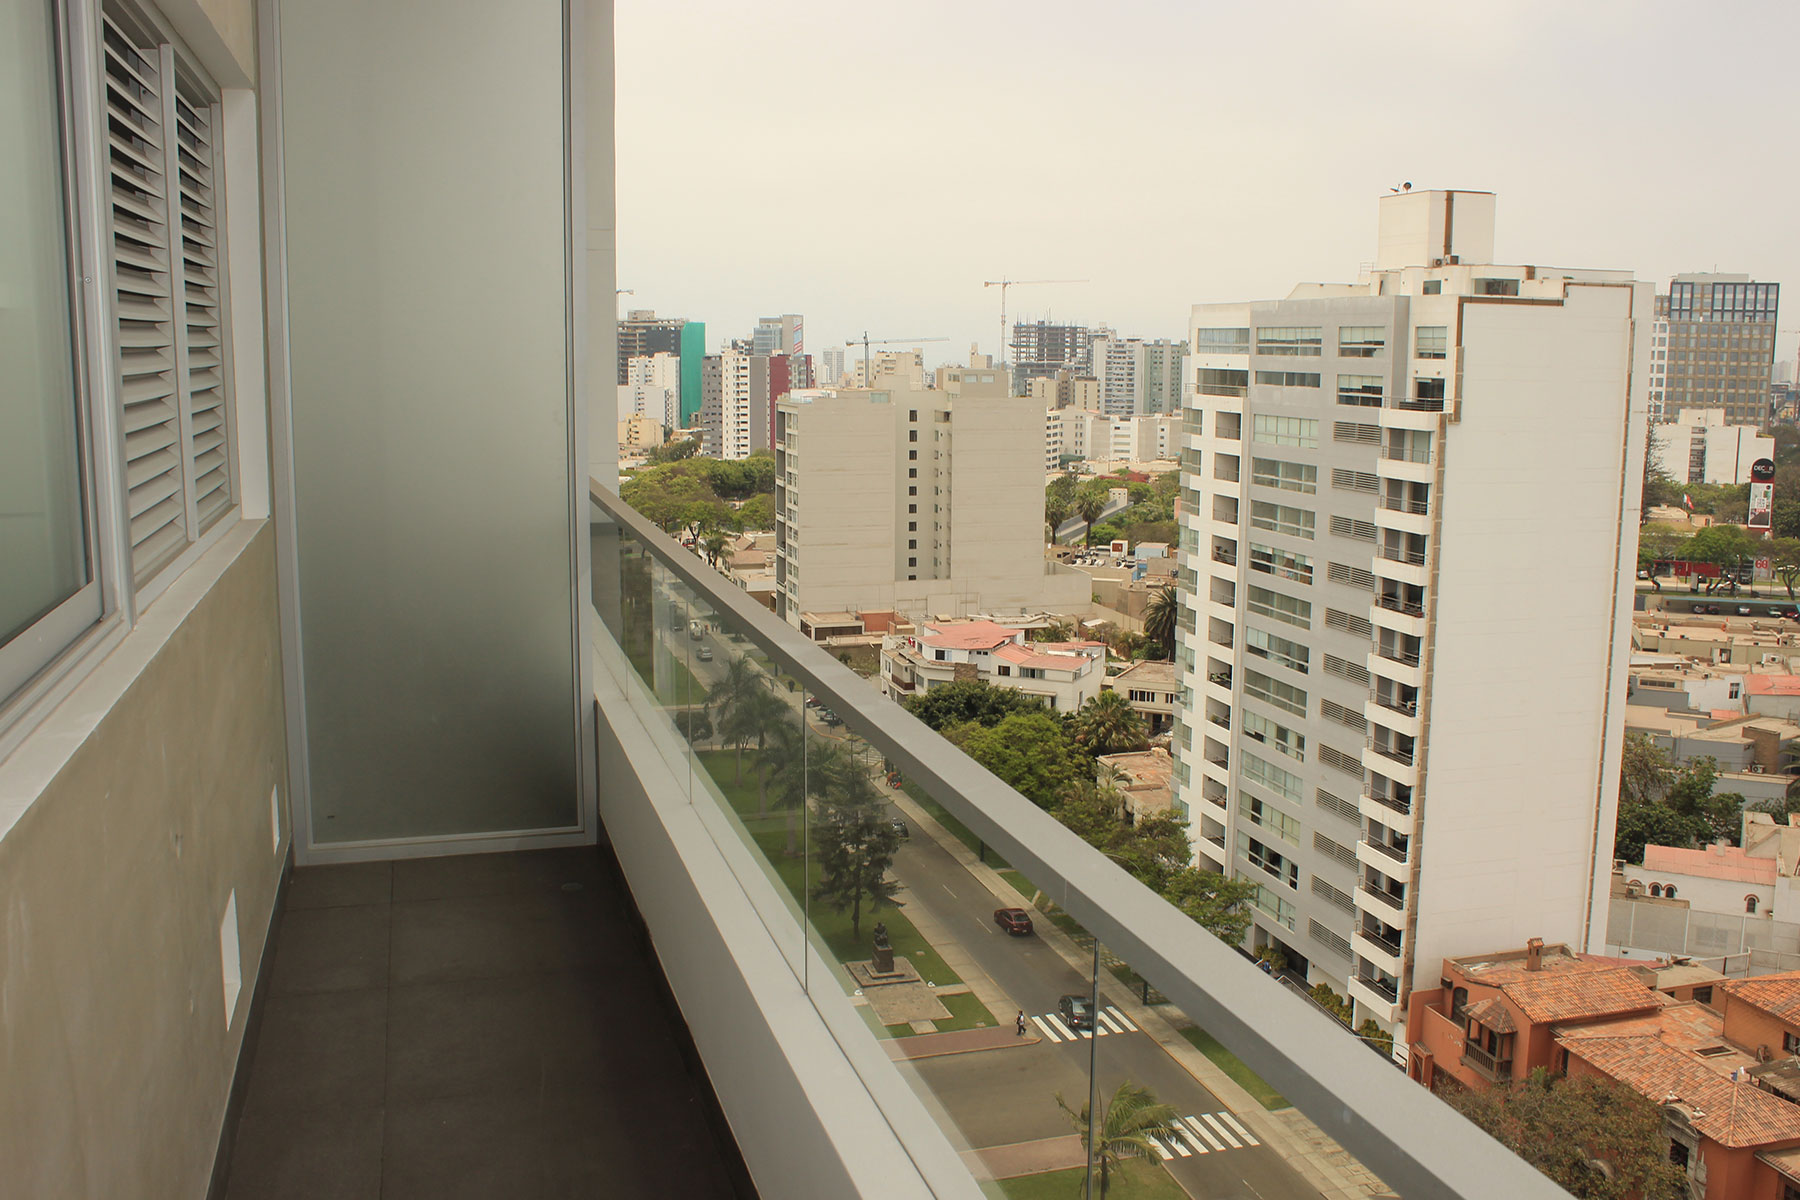 Apartment for Rent at Departamento en edificio exclusivo con acabados de primera Calle Los Castaños esquina con Av. Javier Prado San Isidro, Lima, 27 Peru